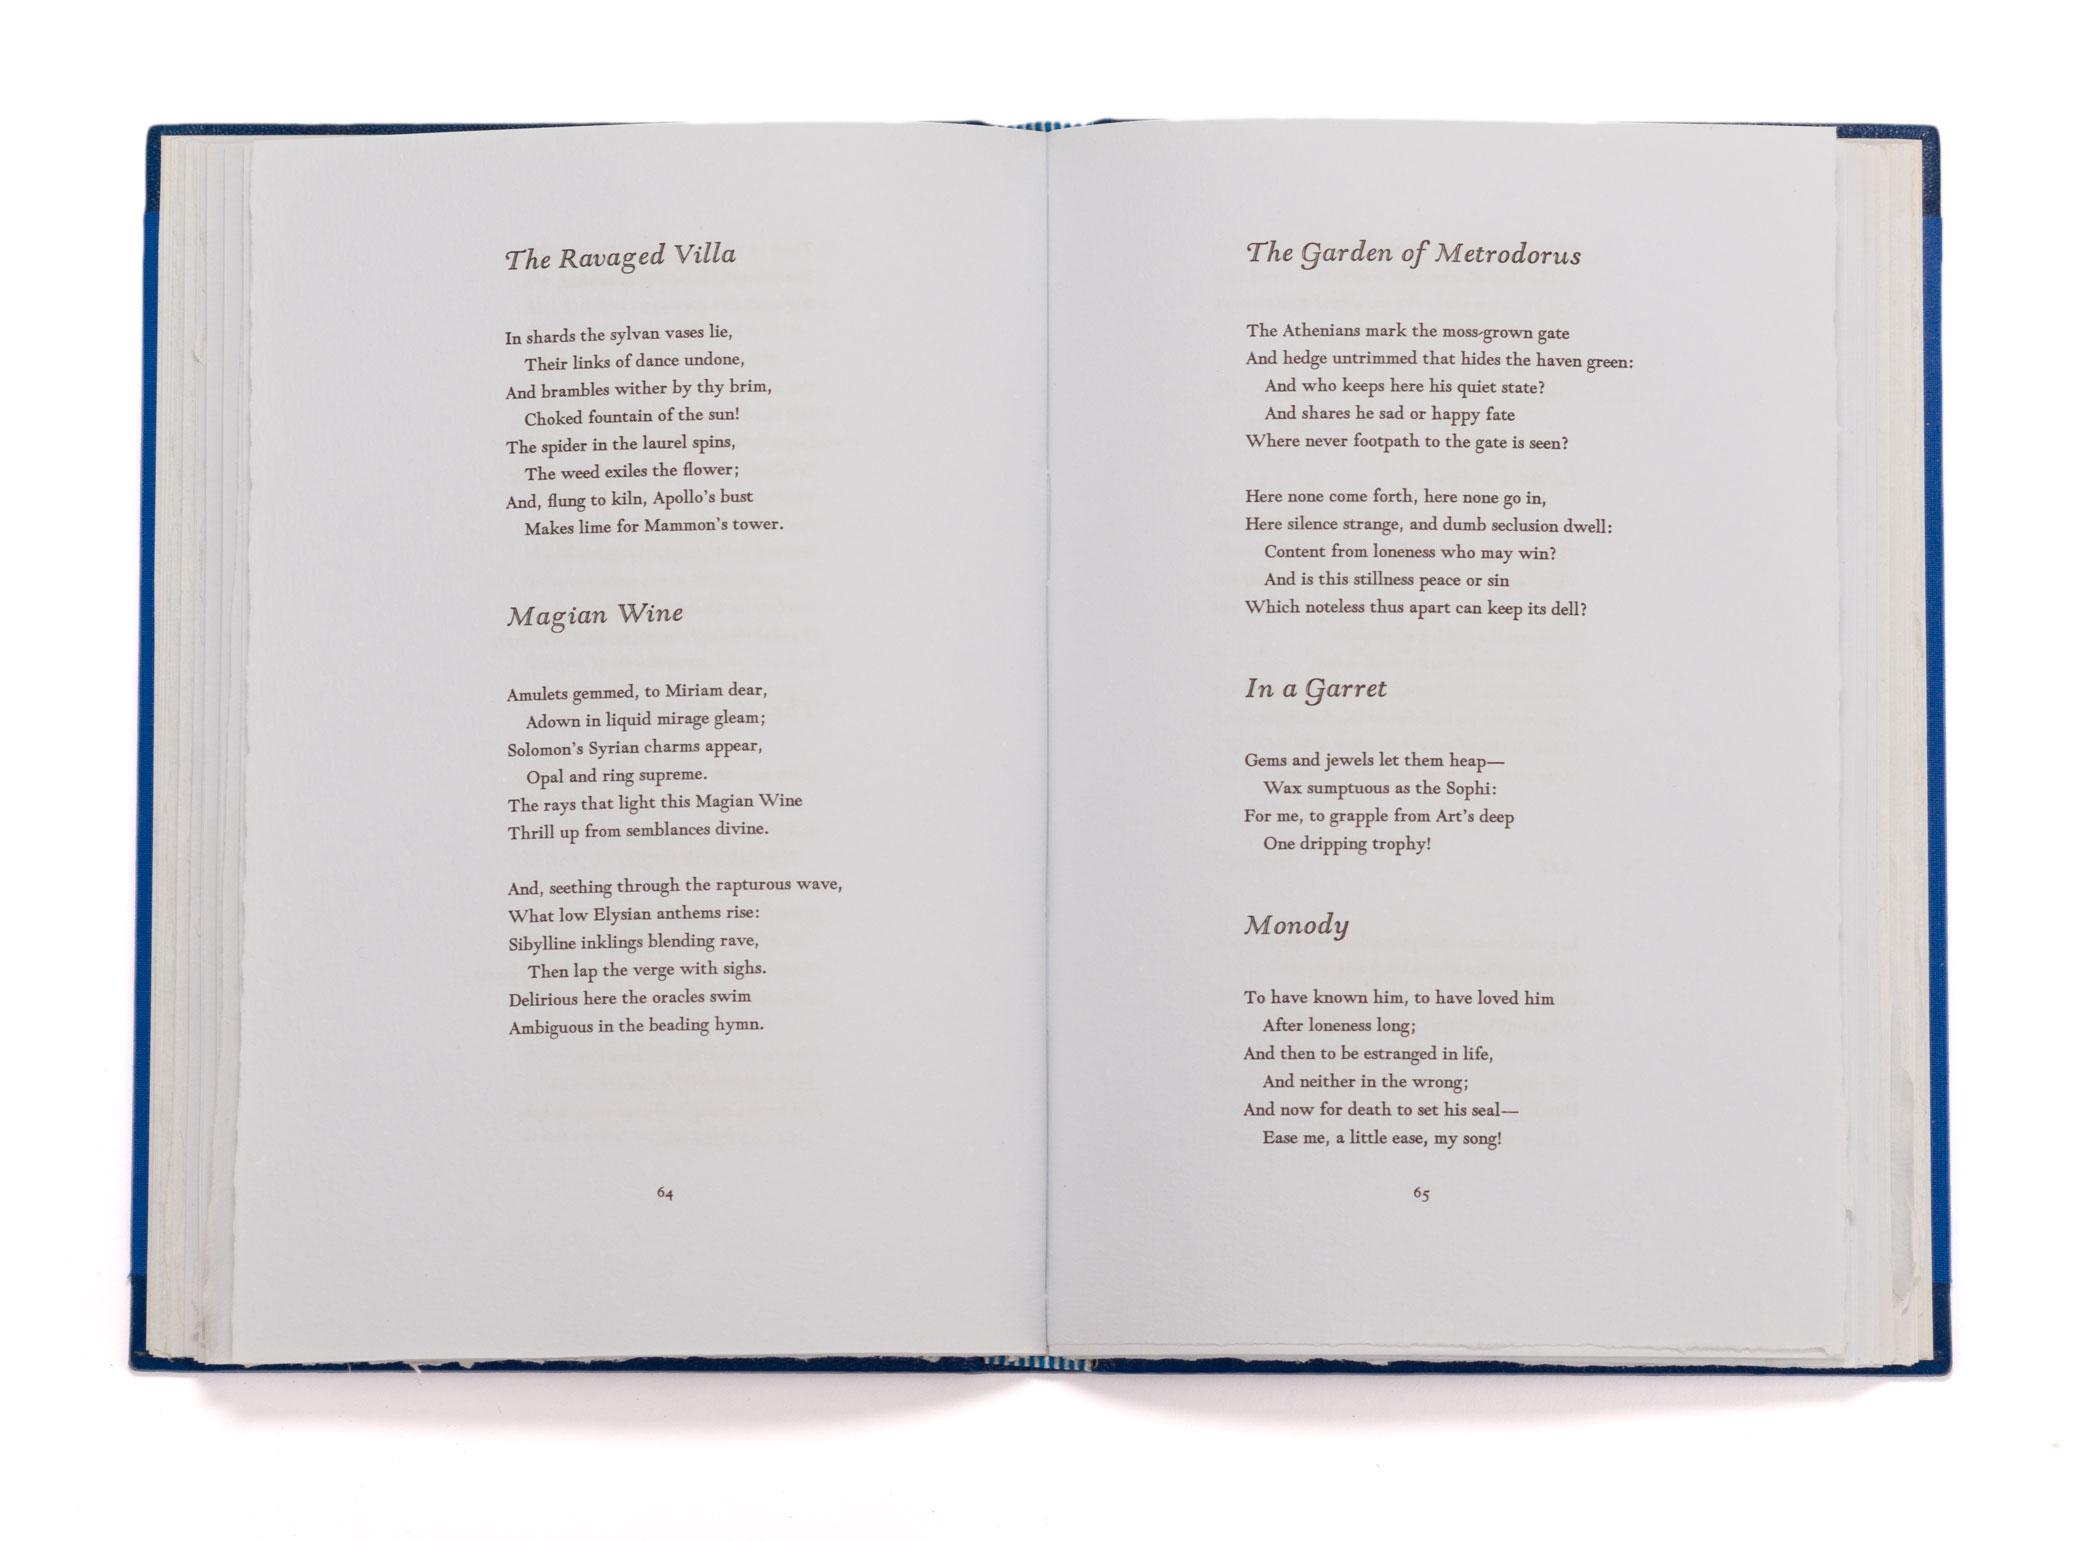 047_Herman-Melville-Poems.spread.02.jpg